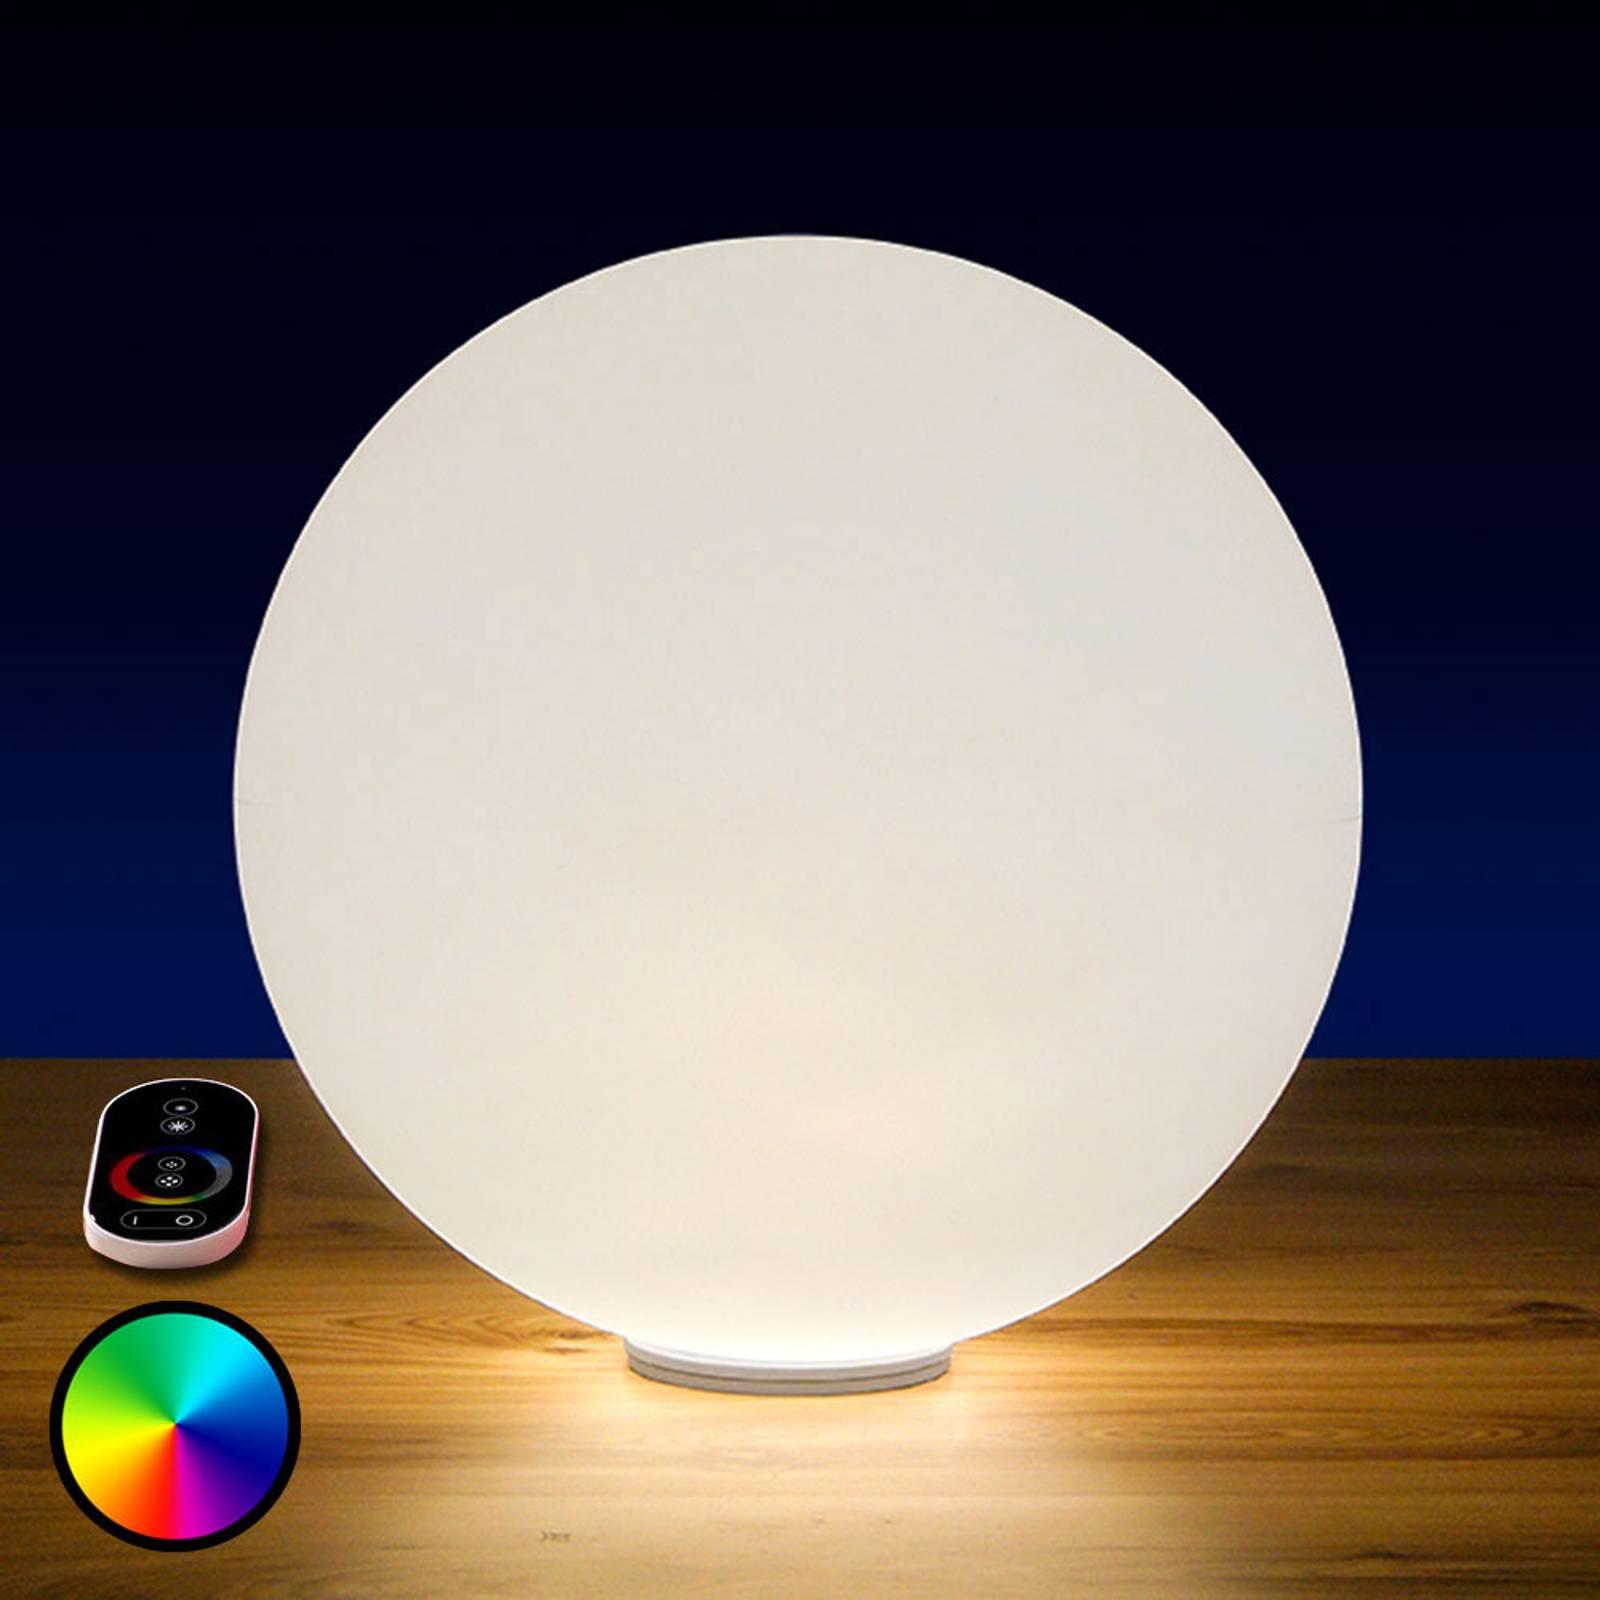 RGB-LED-pallo Snowball ulkokäyttöön, akku, 60 cm